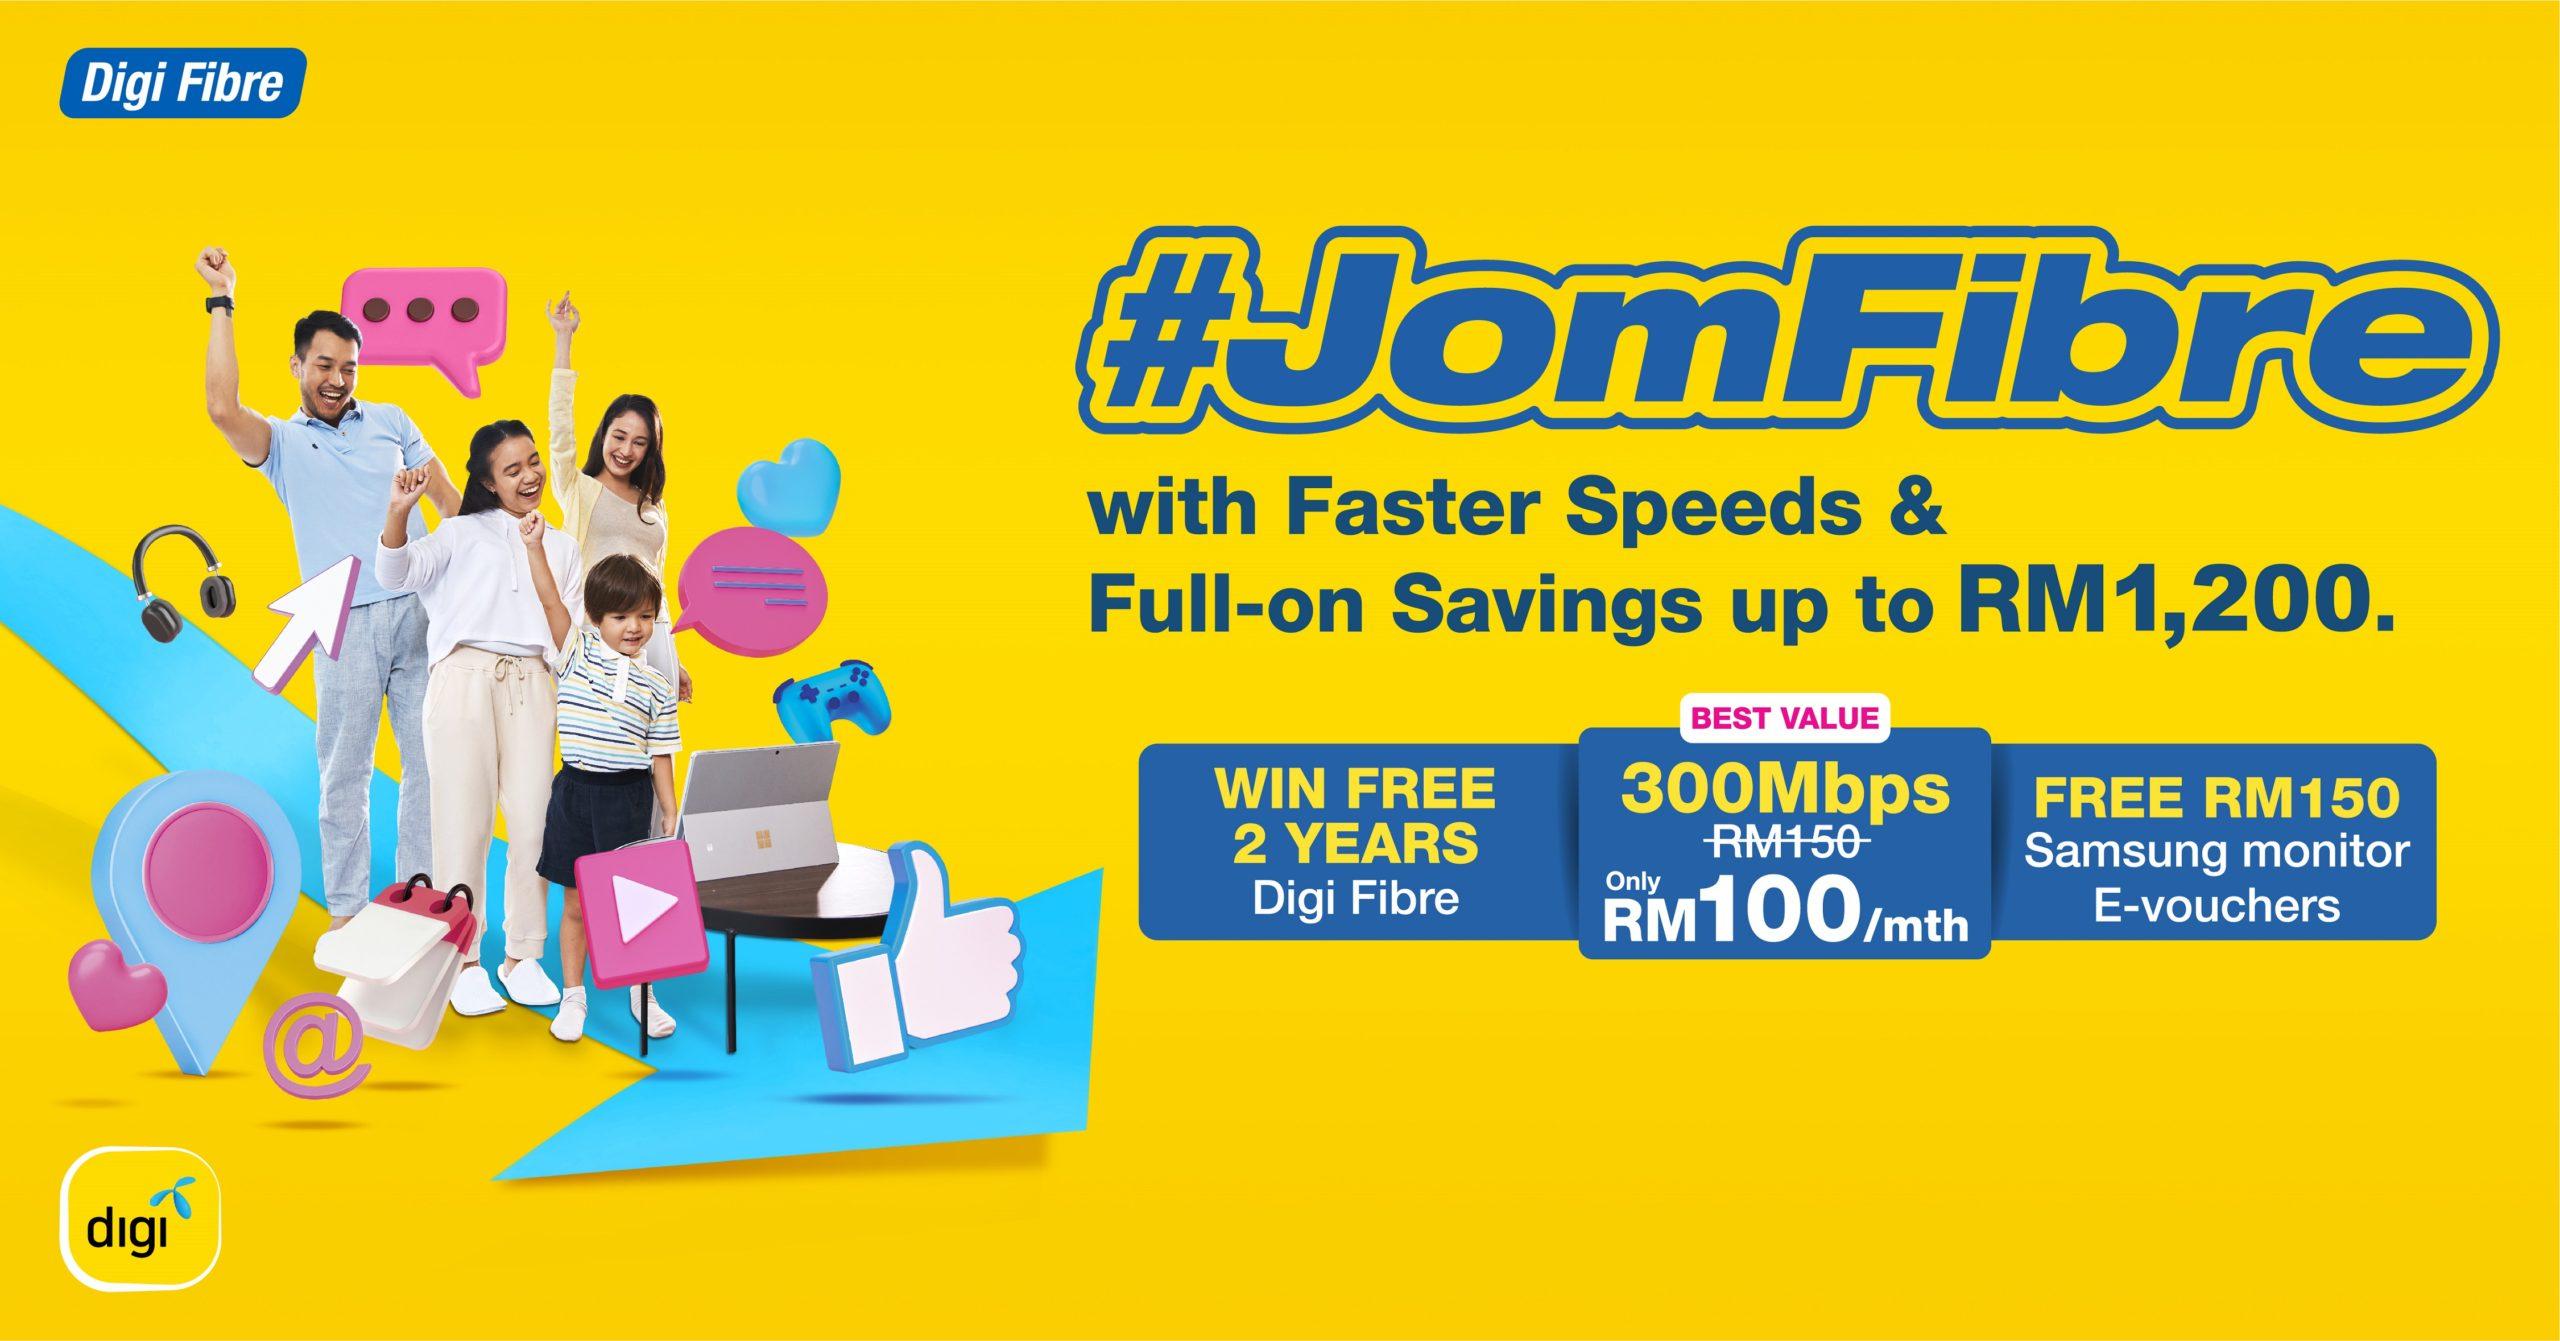 Digi推出JomFibre优惠活动让你大省钱